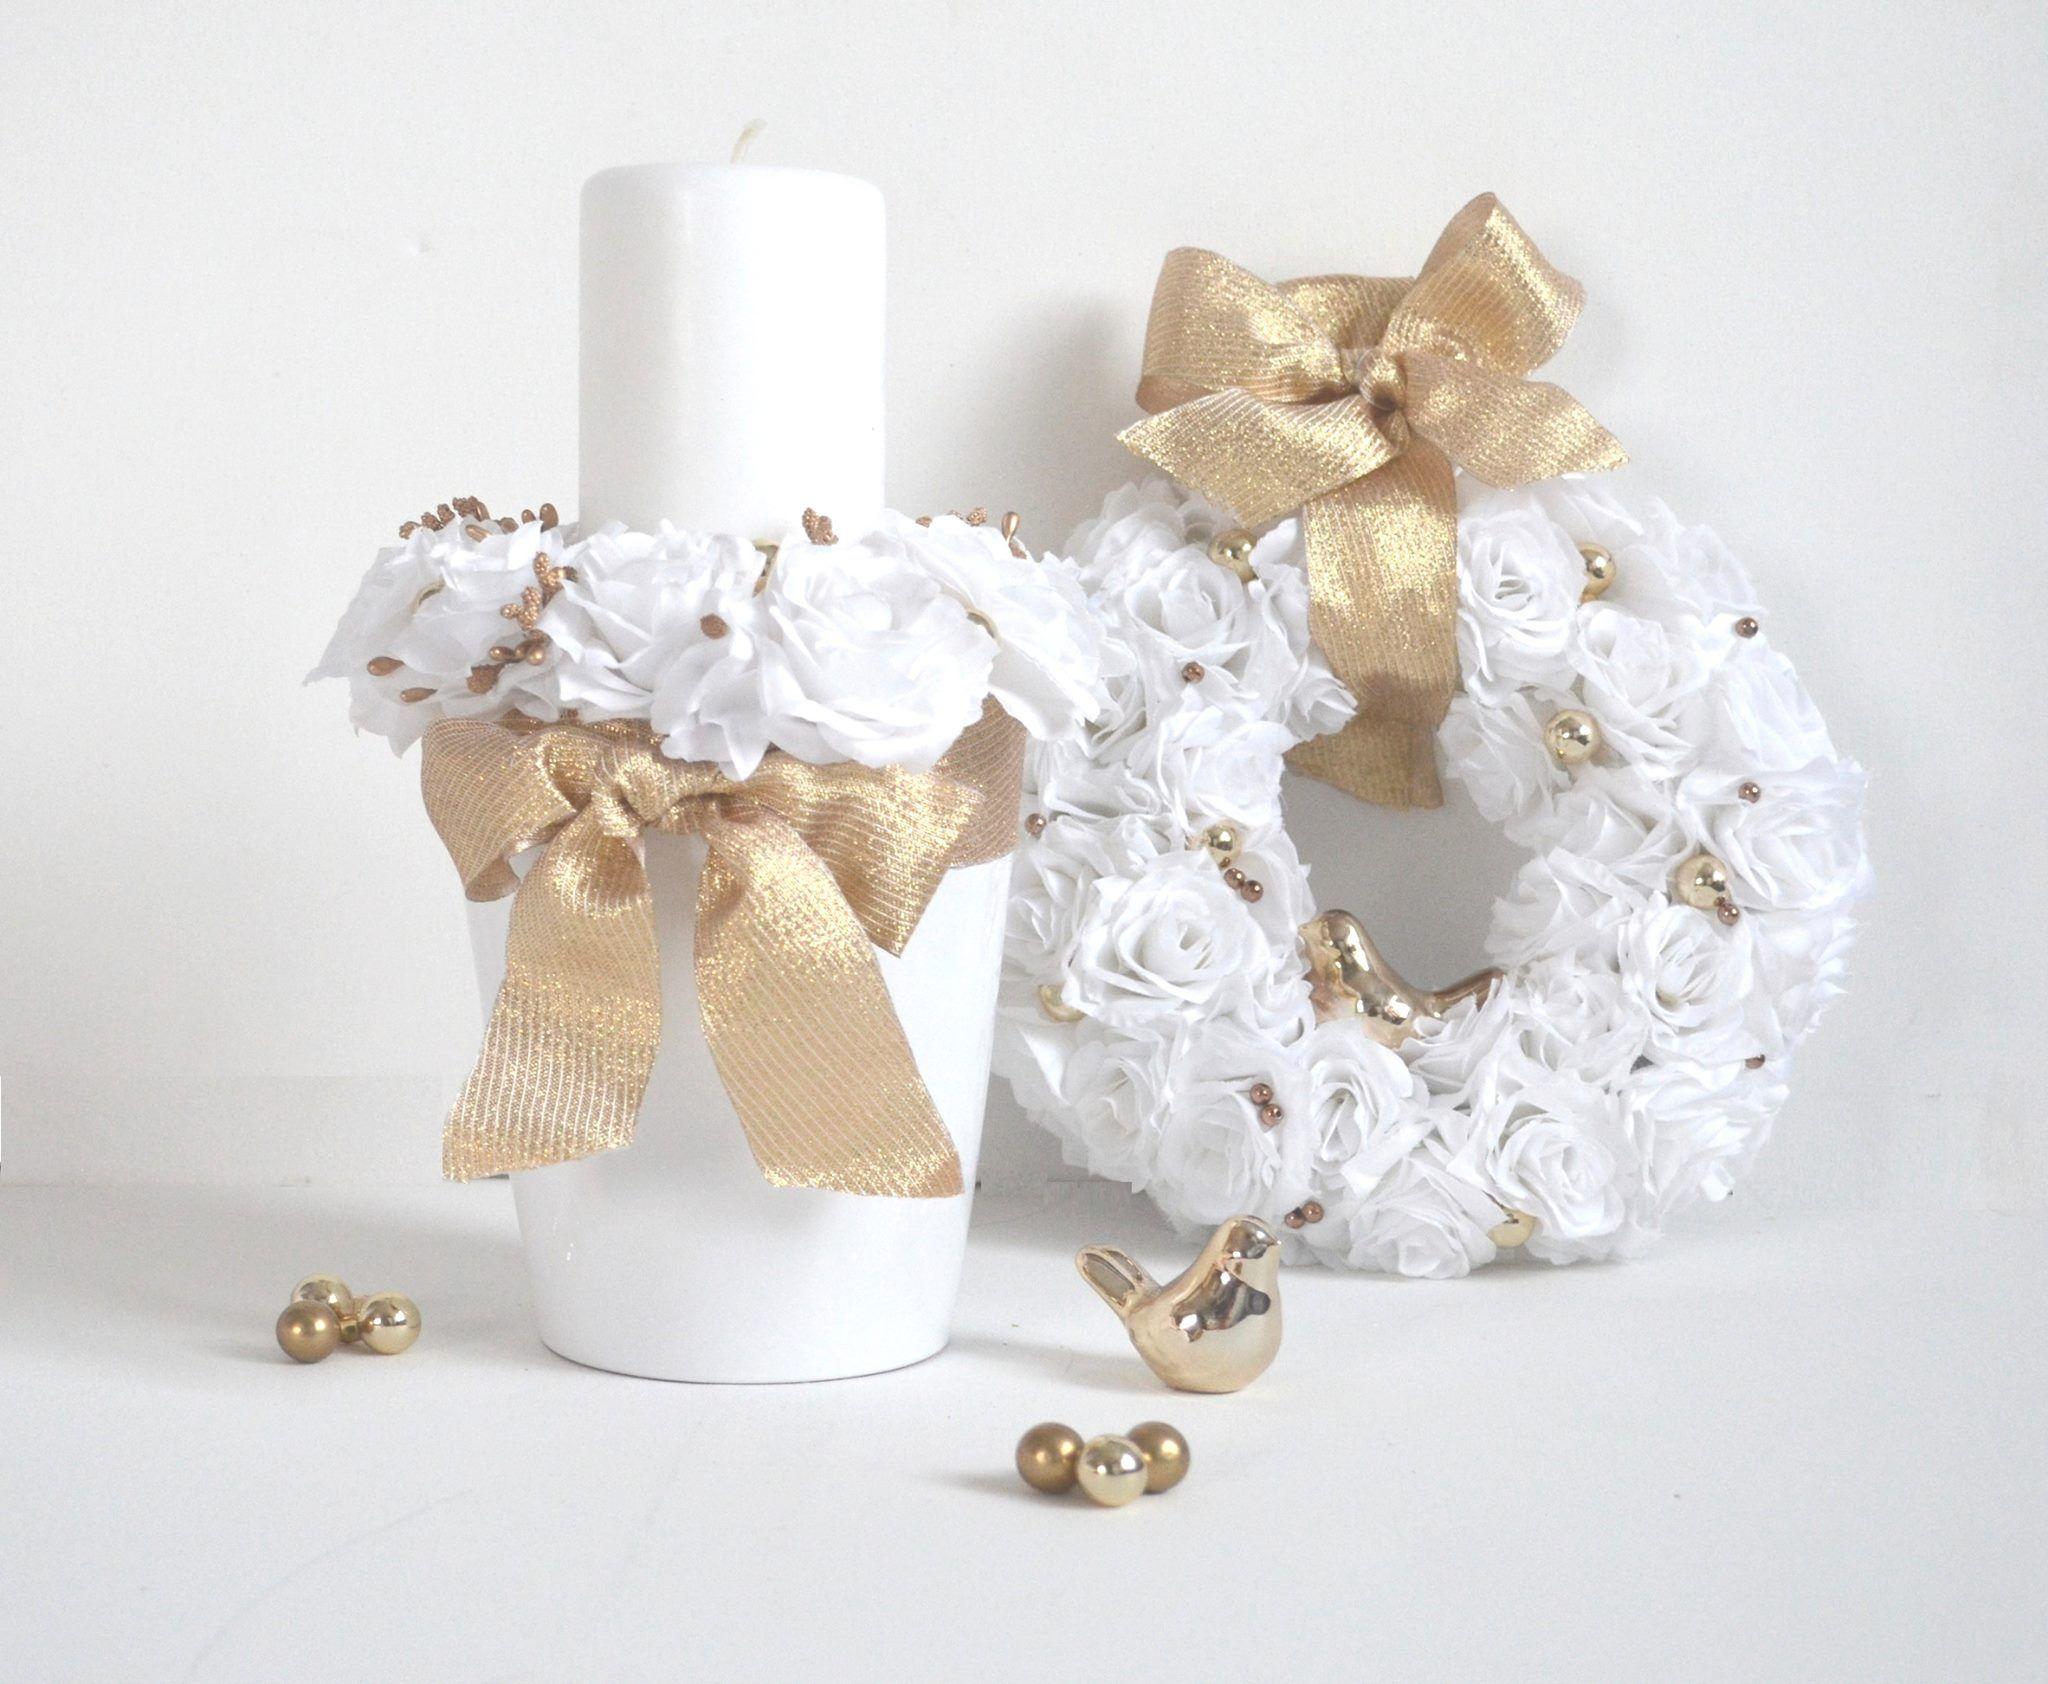 Boze Narodzenie Swieta Christmas Wianek Wreath Choinka Christmas Decoration Swieca Doniczka Kwiat Christmas Decora Quilling Christmas White Ornaments